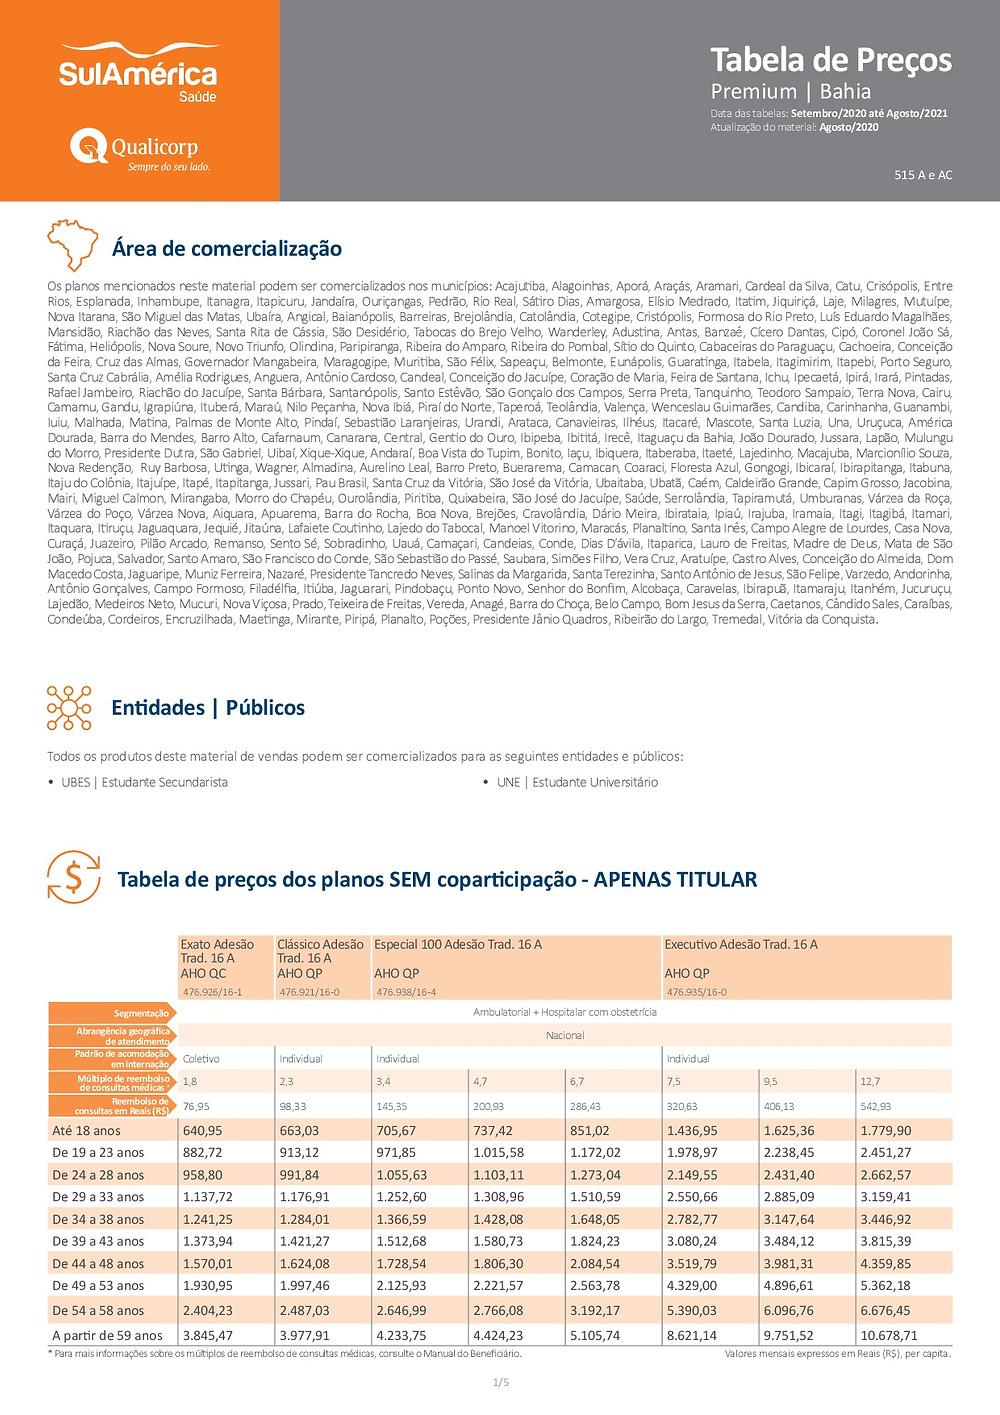 PLANOS DE SAUDE, (Estudantes Universitarios) | SulAmerica Saude Adesão